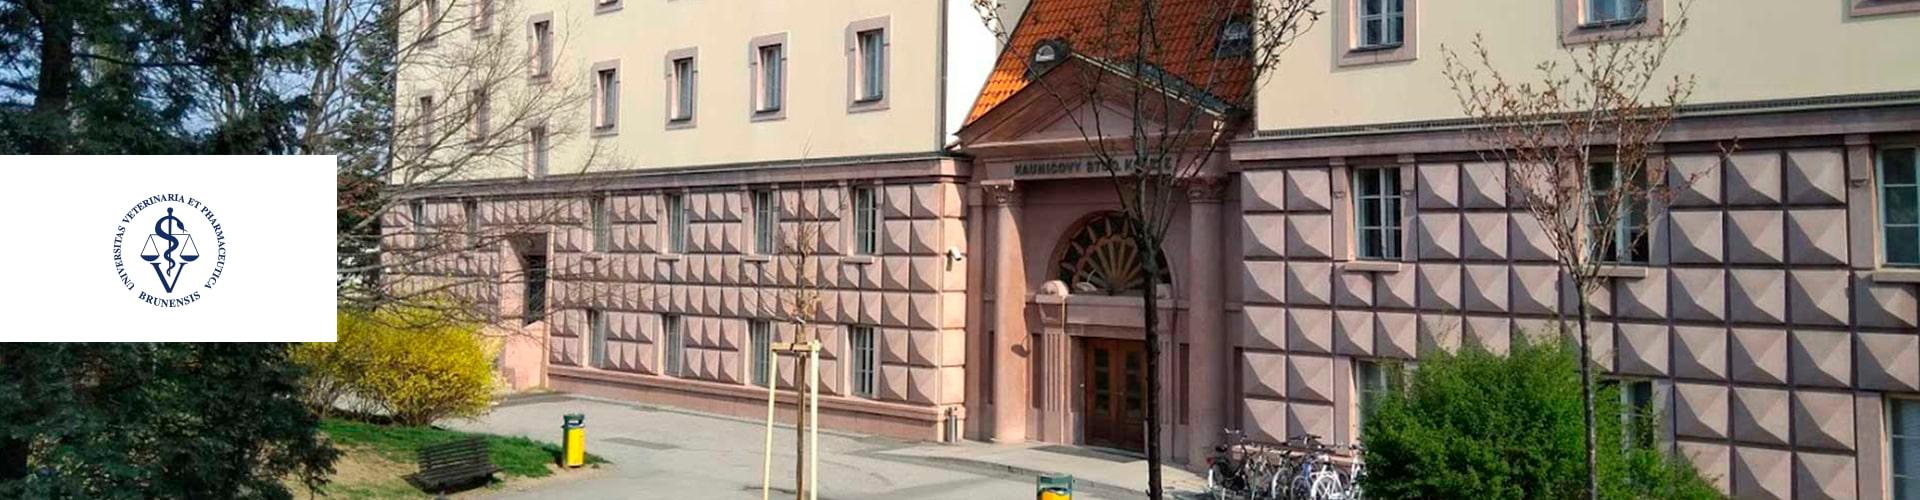 Ветеринарно-фармацевтический университет Брно eurostudy